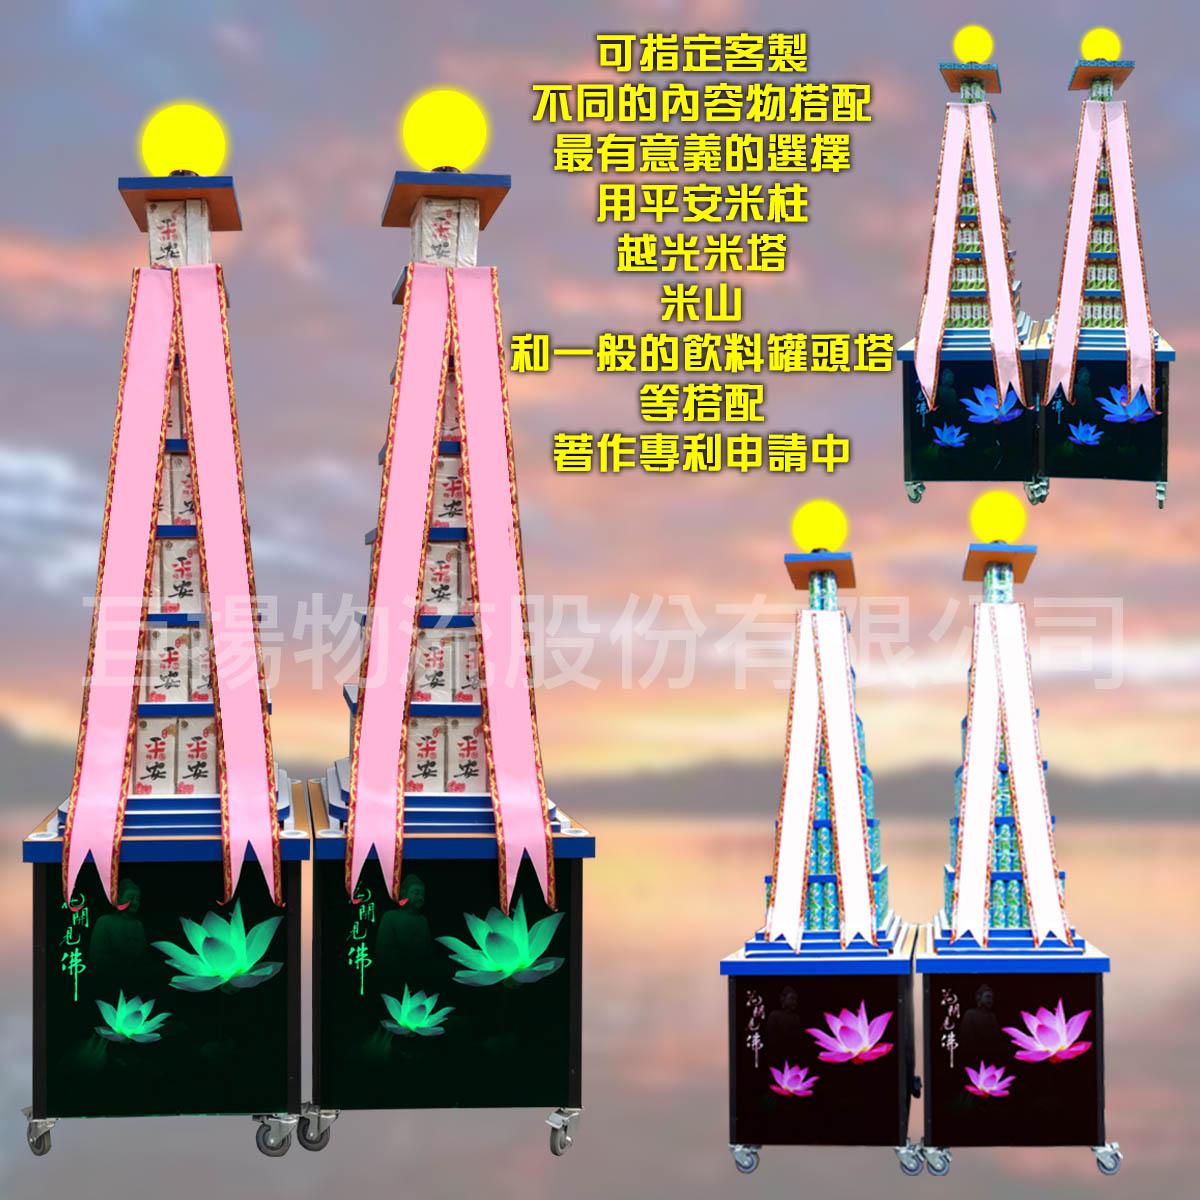 九層大牌飲料燈光罐頭山蓮花led燈光柱2